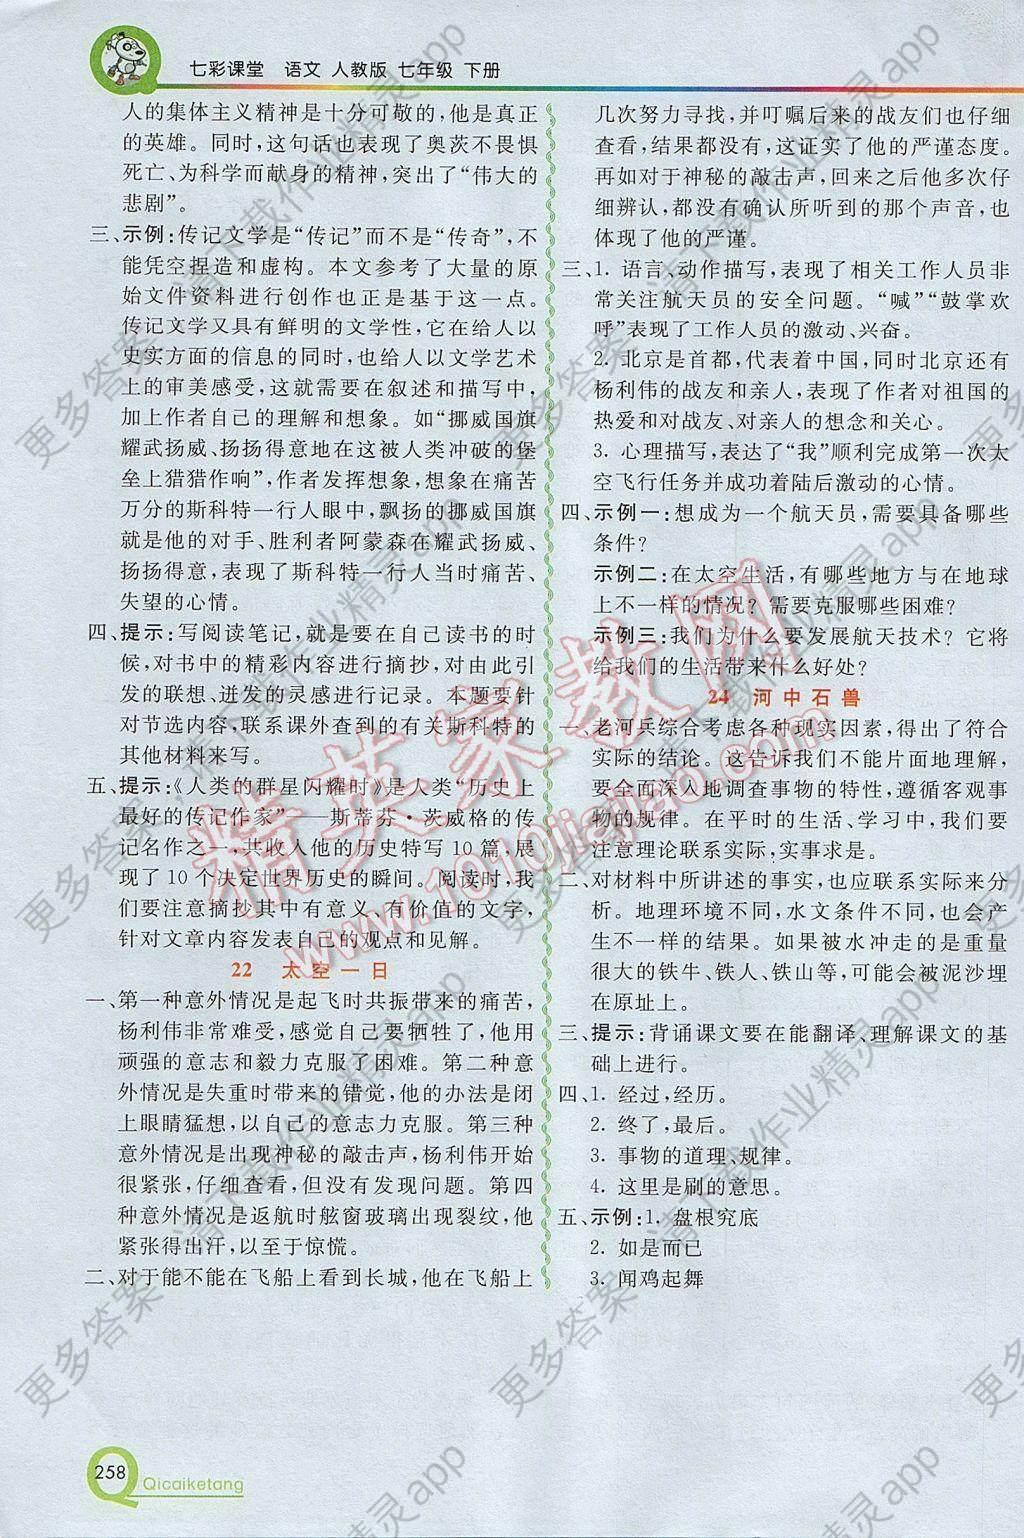 2017年初中一点通七彩课堂七年级语文下册人教版答案